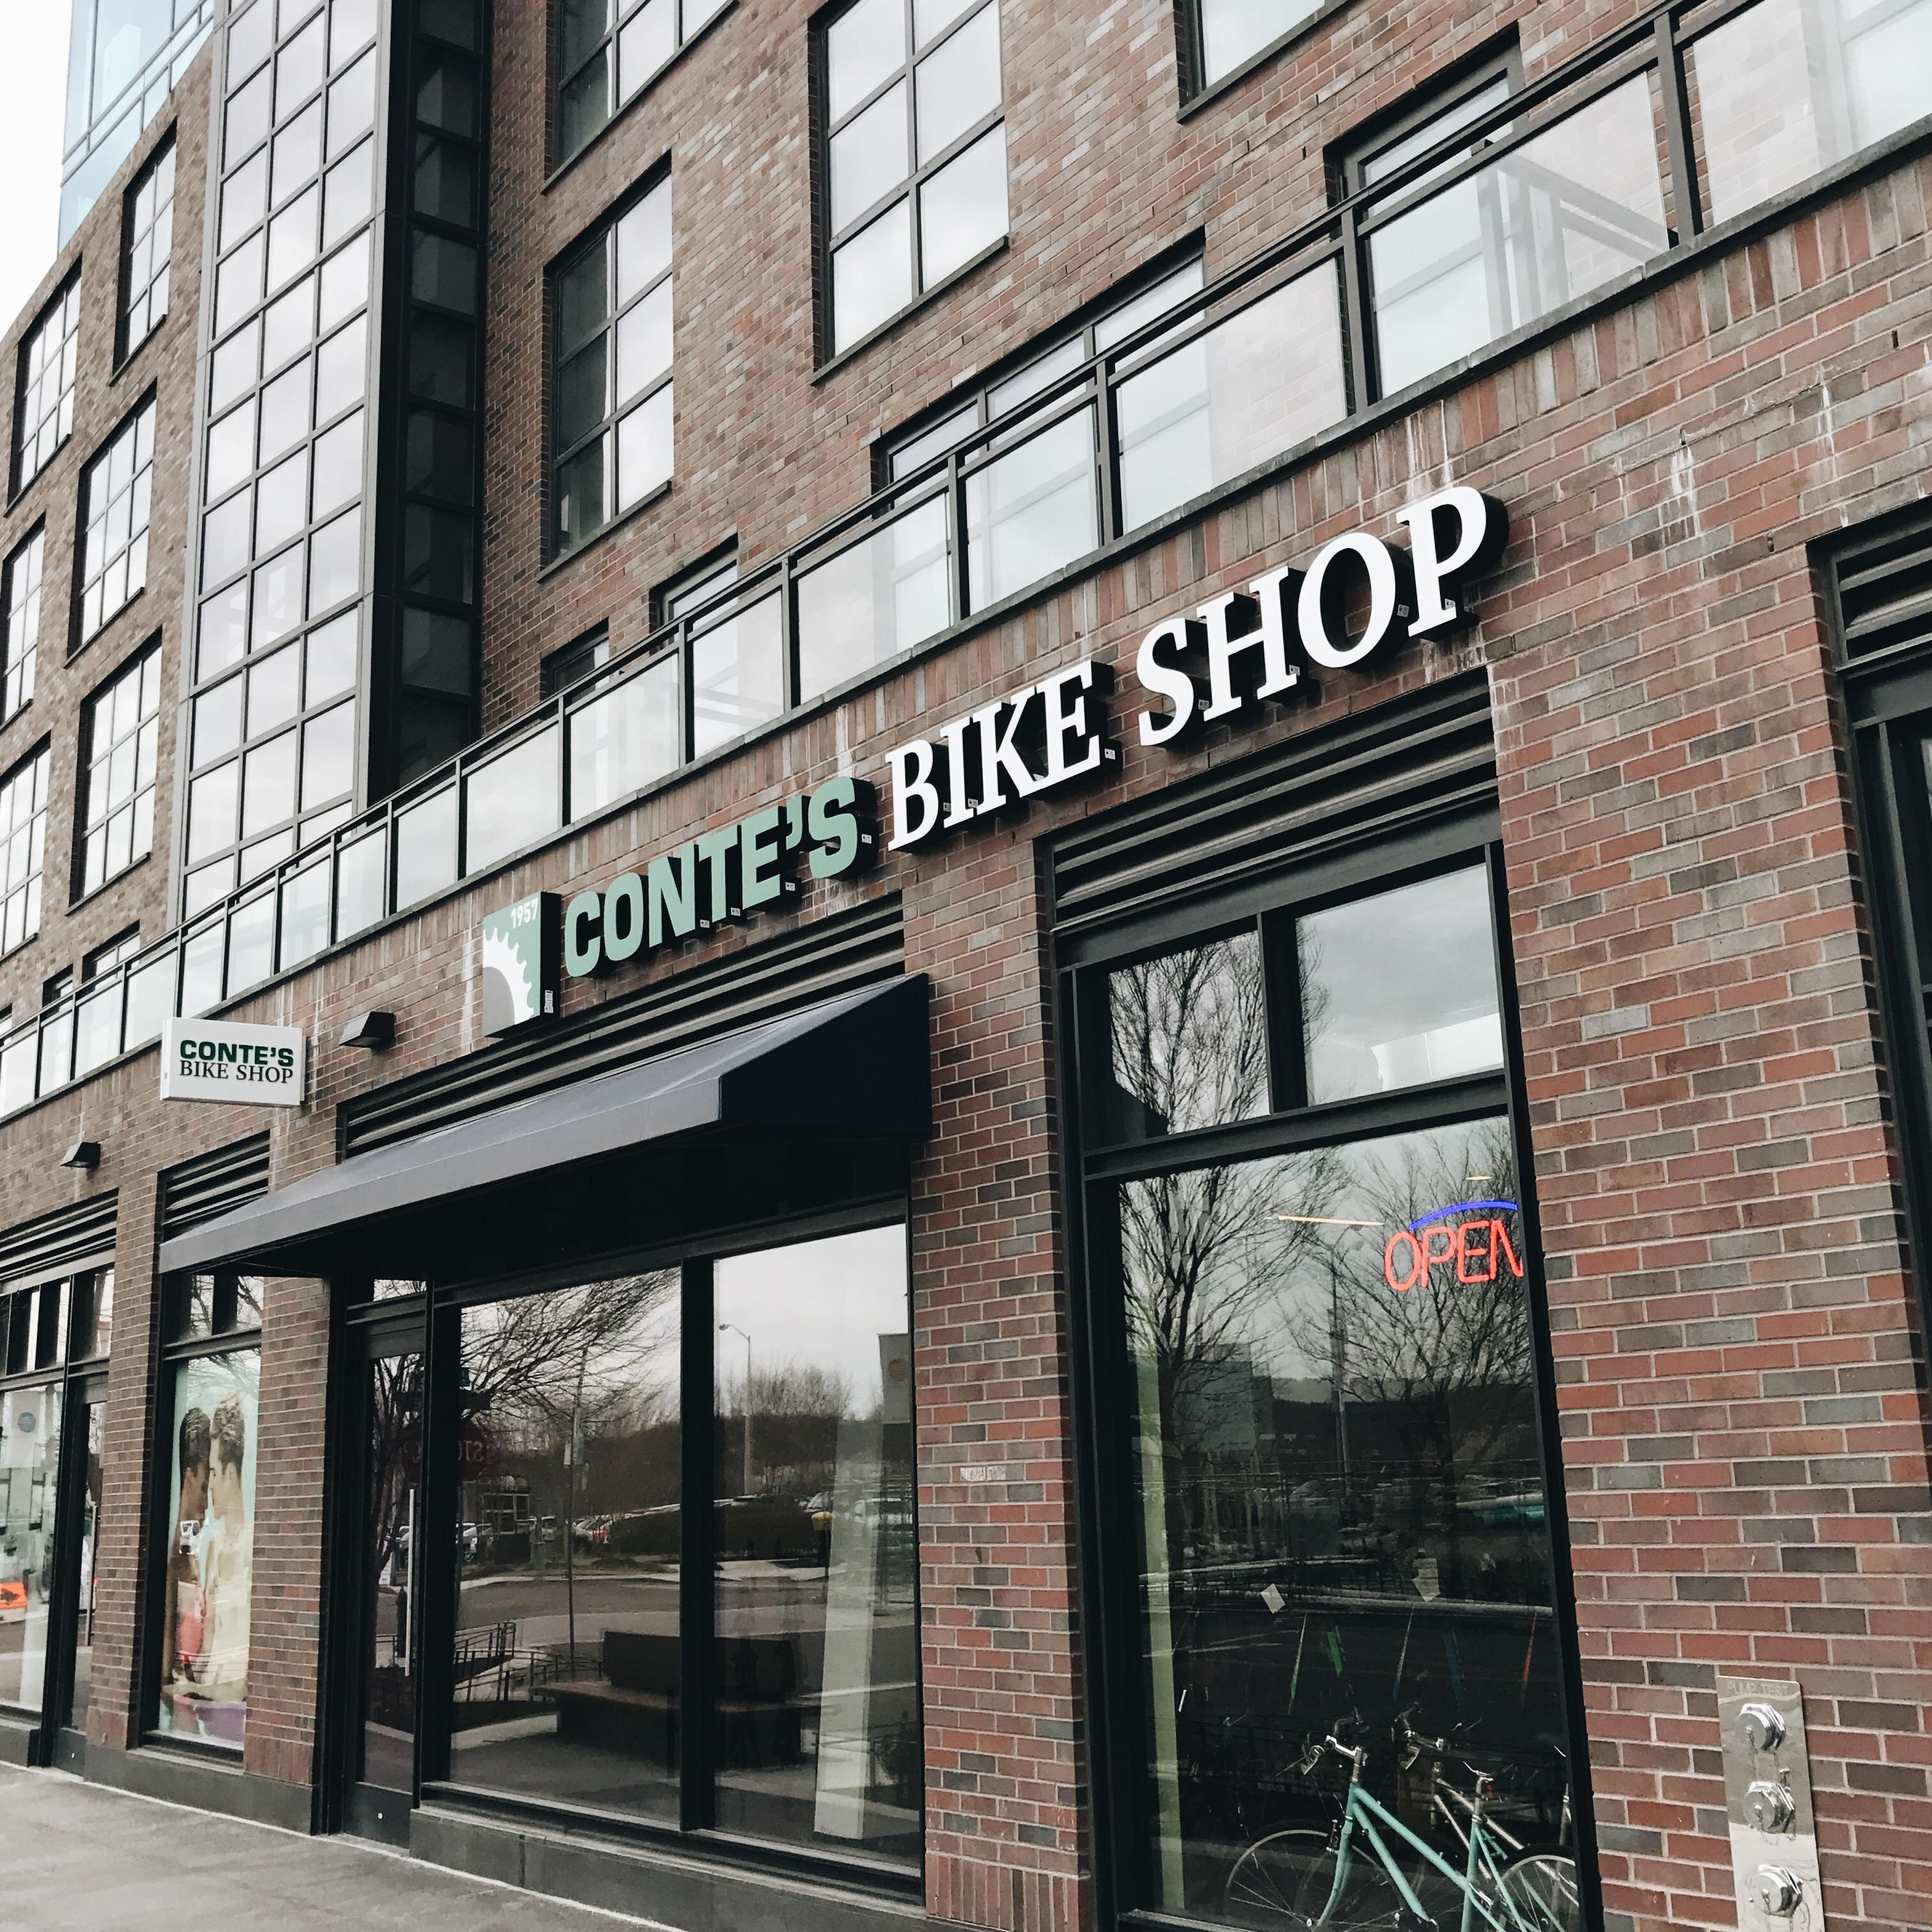 Conte's Bike shop exterior